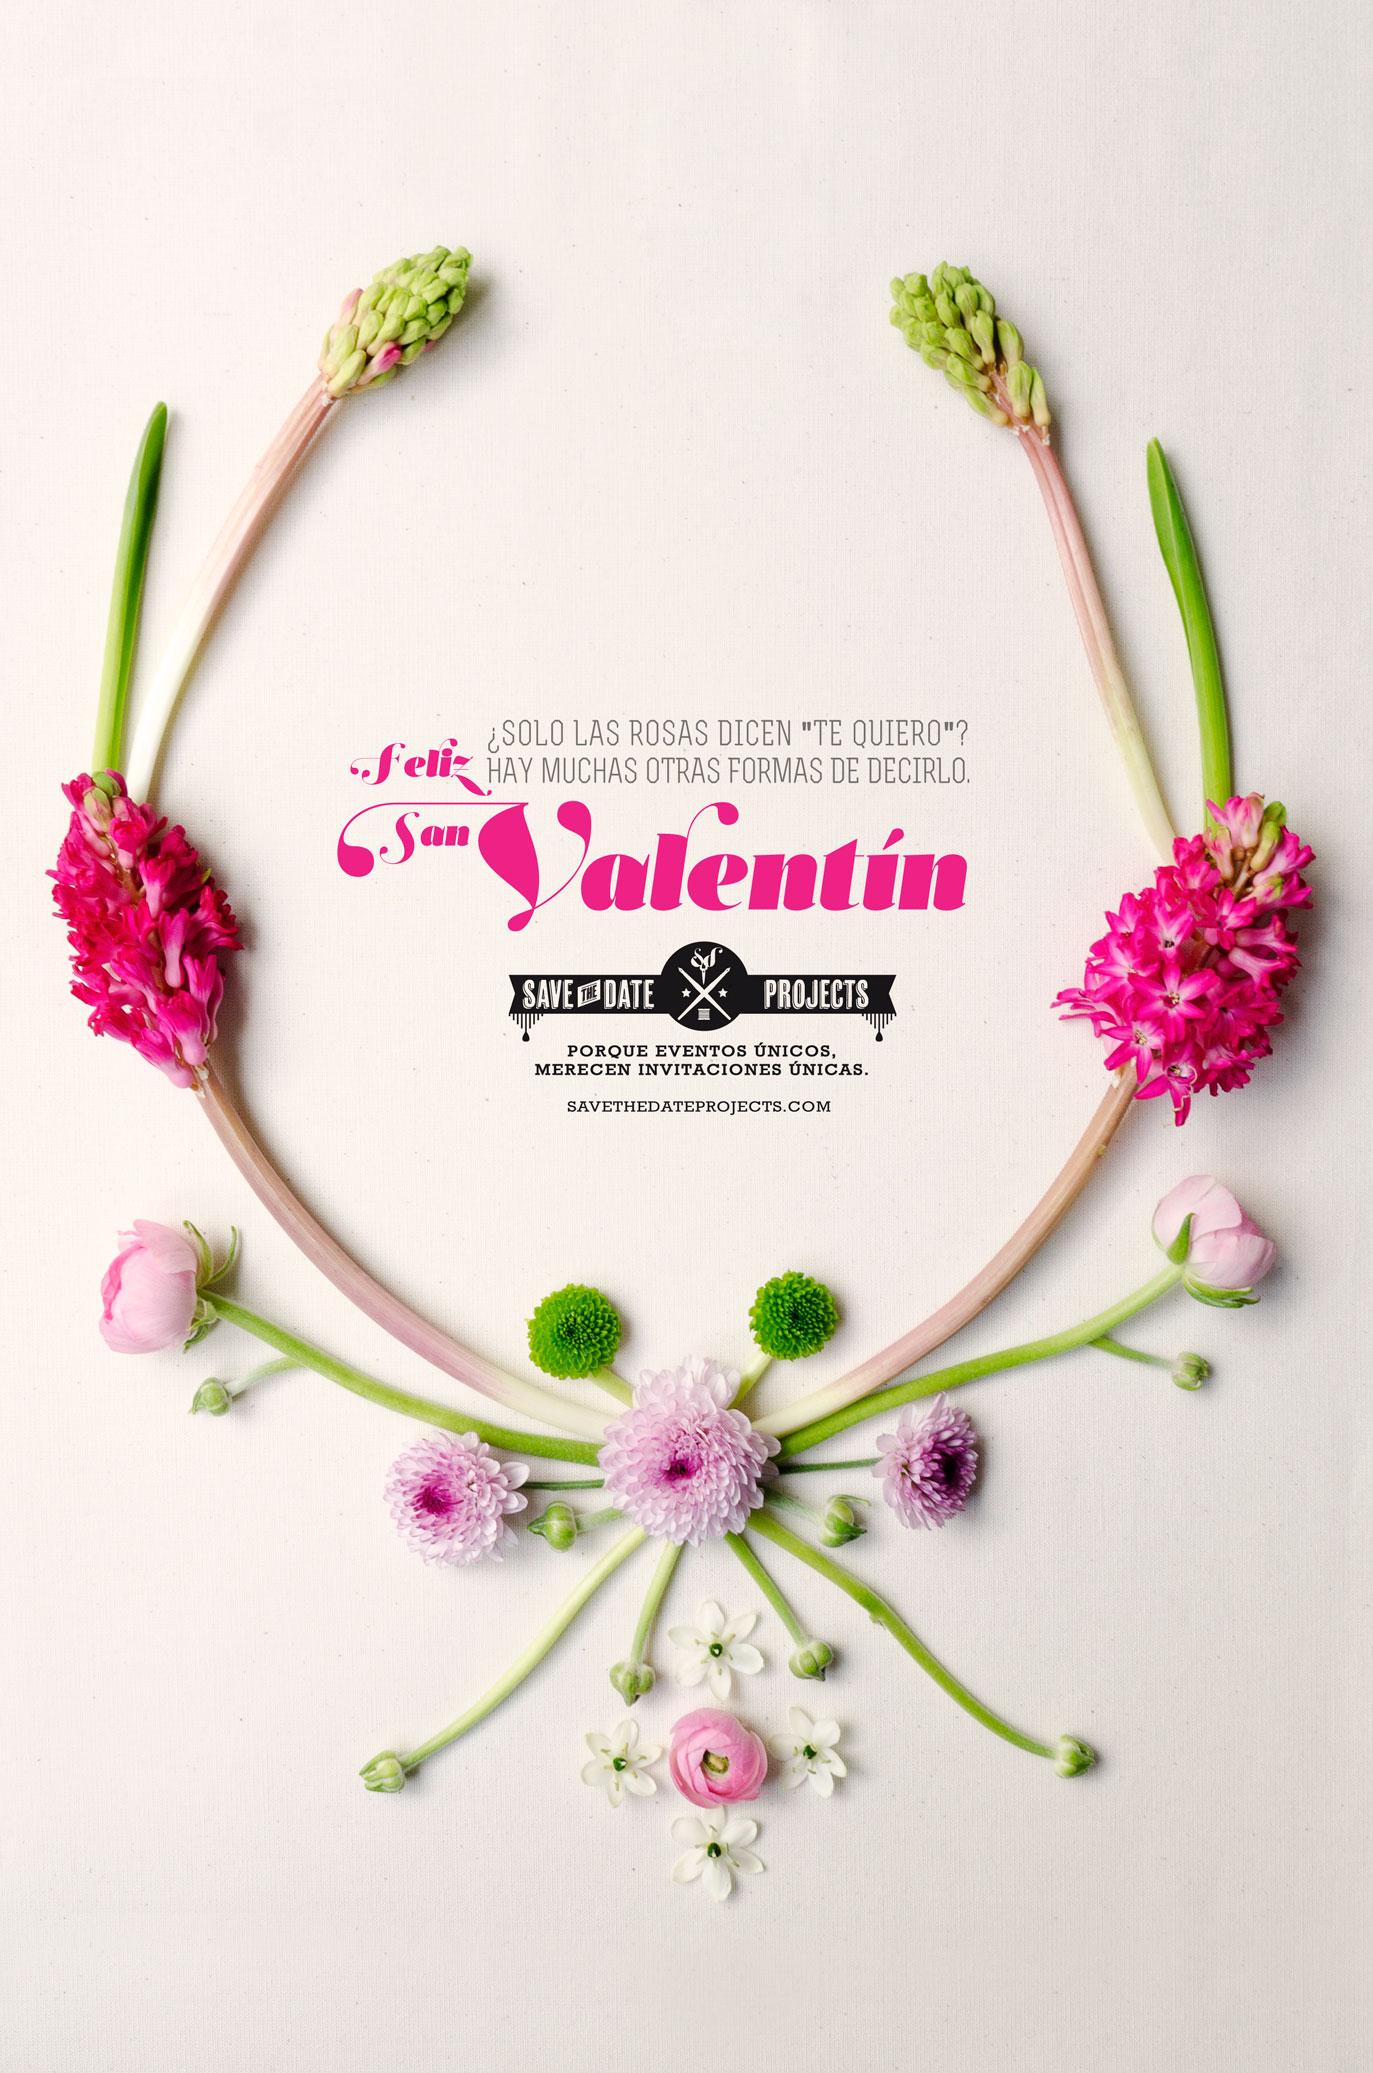 Invitaciones_personalizadas_a_medida_unicas_Save_the_Date_Boda_san_valentin_3_b